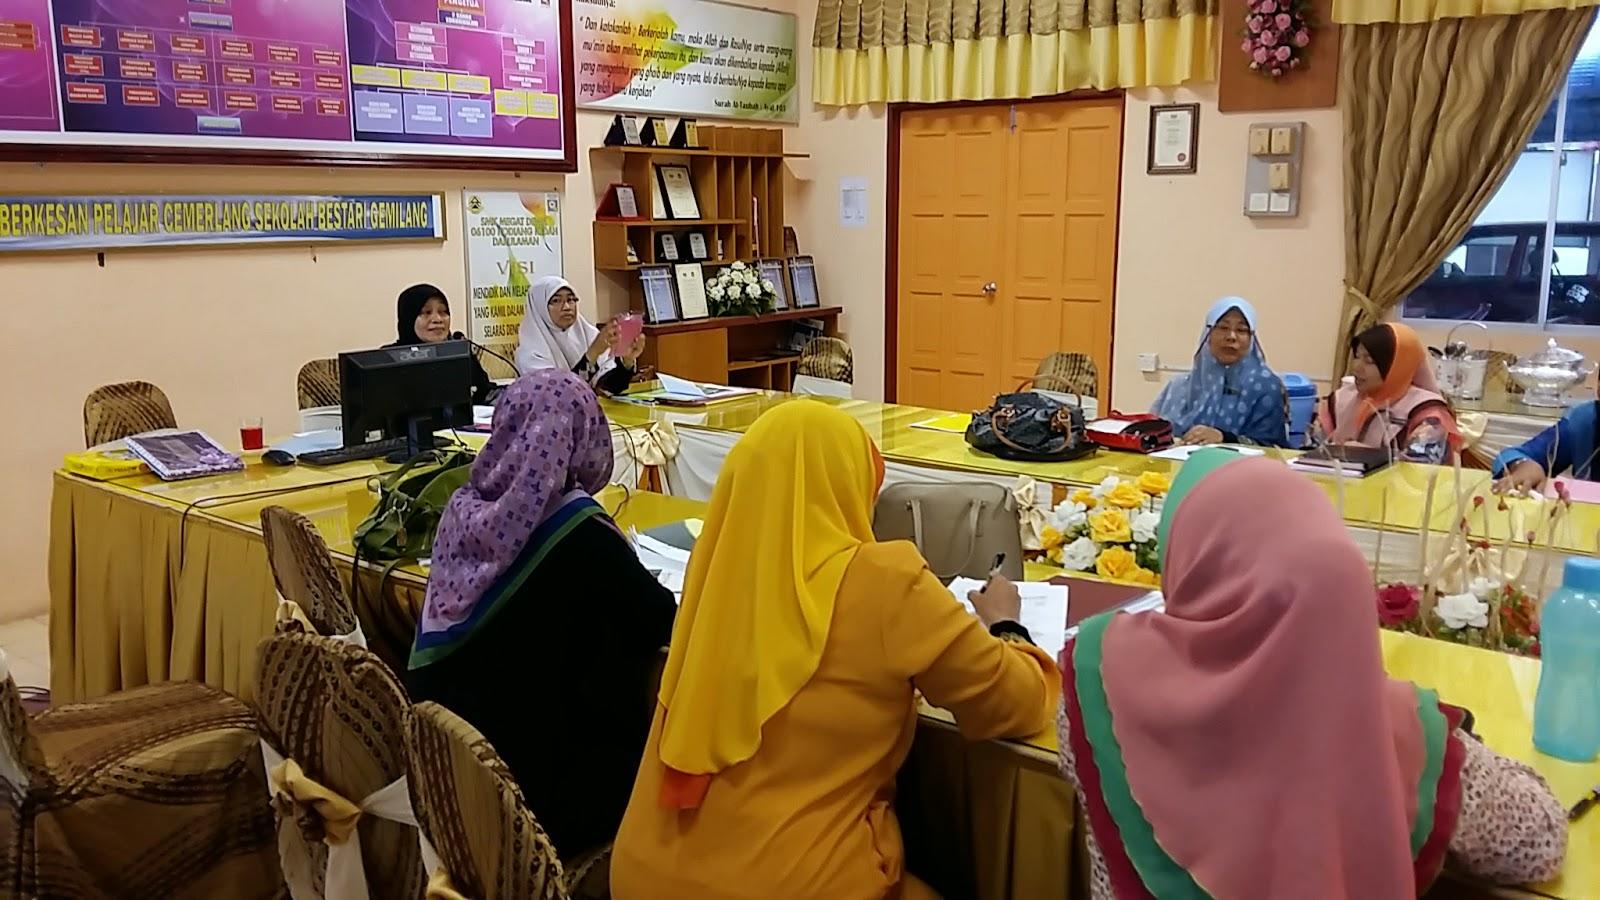 Dialog Transformasi Sains SPM Kubang Pasu 2015